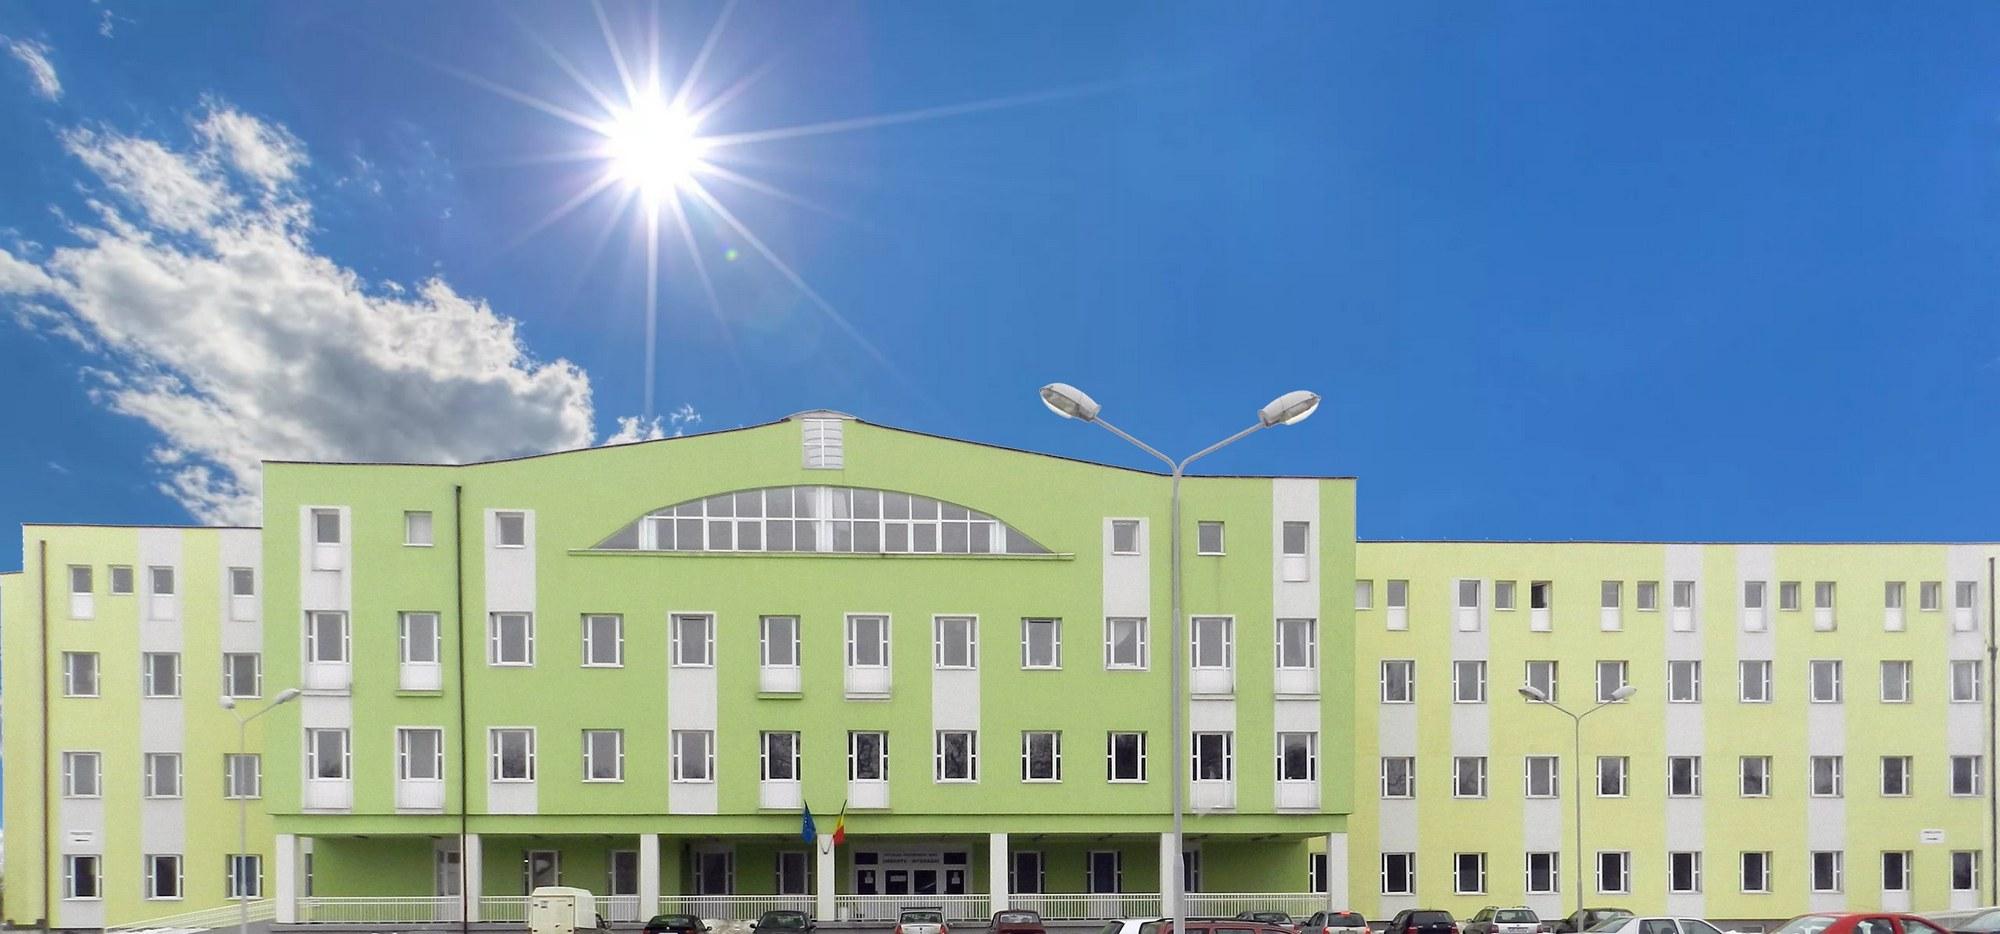 Șapte pacienți cu COVID-19 de la Centrul de Îngrijire și Asistență au fost declarați vindecați